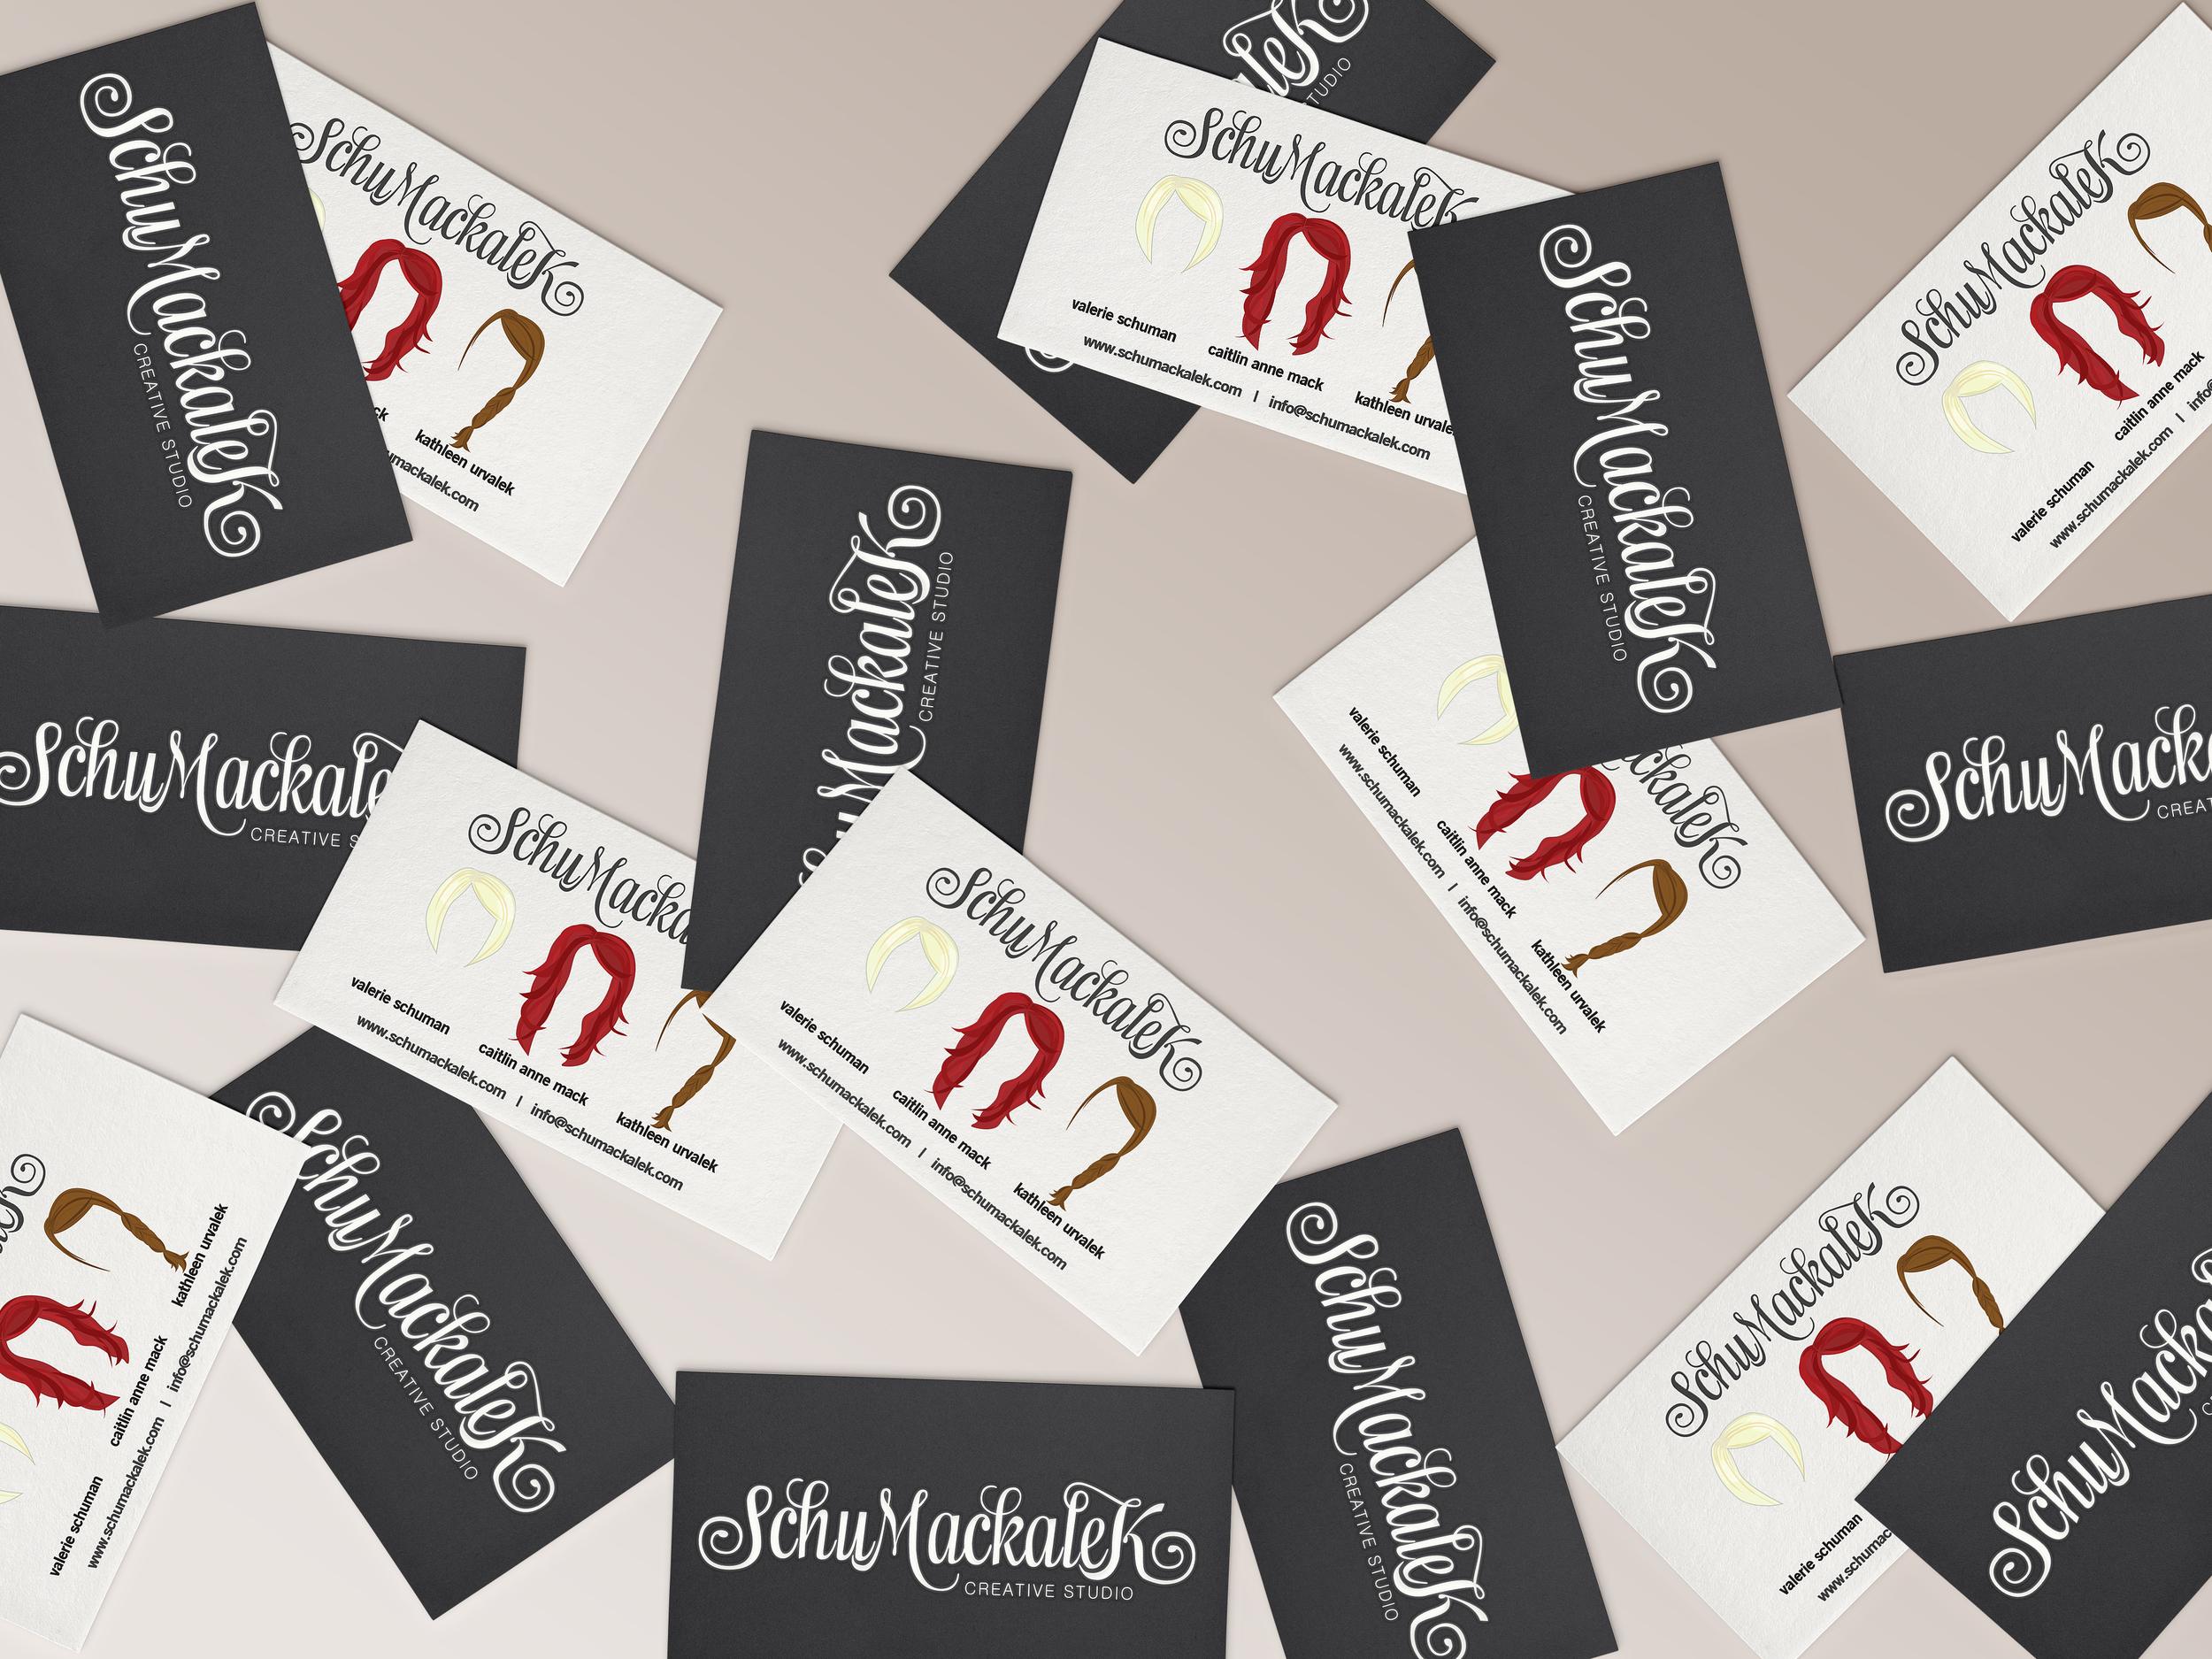 SchuMackAlek Business Card